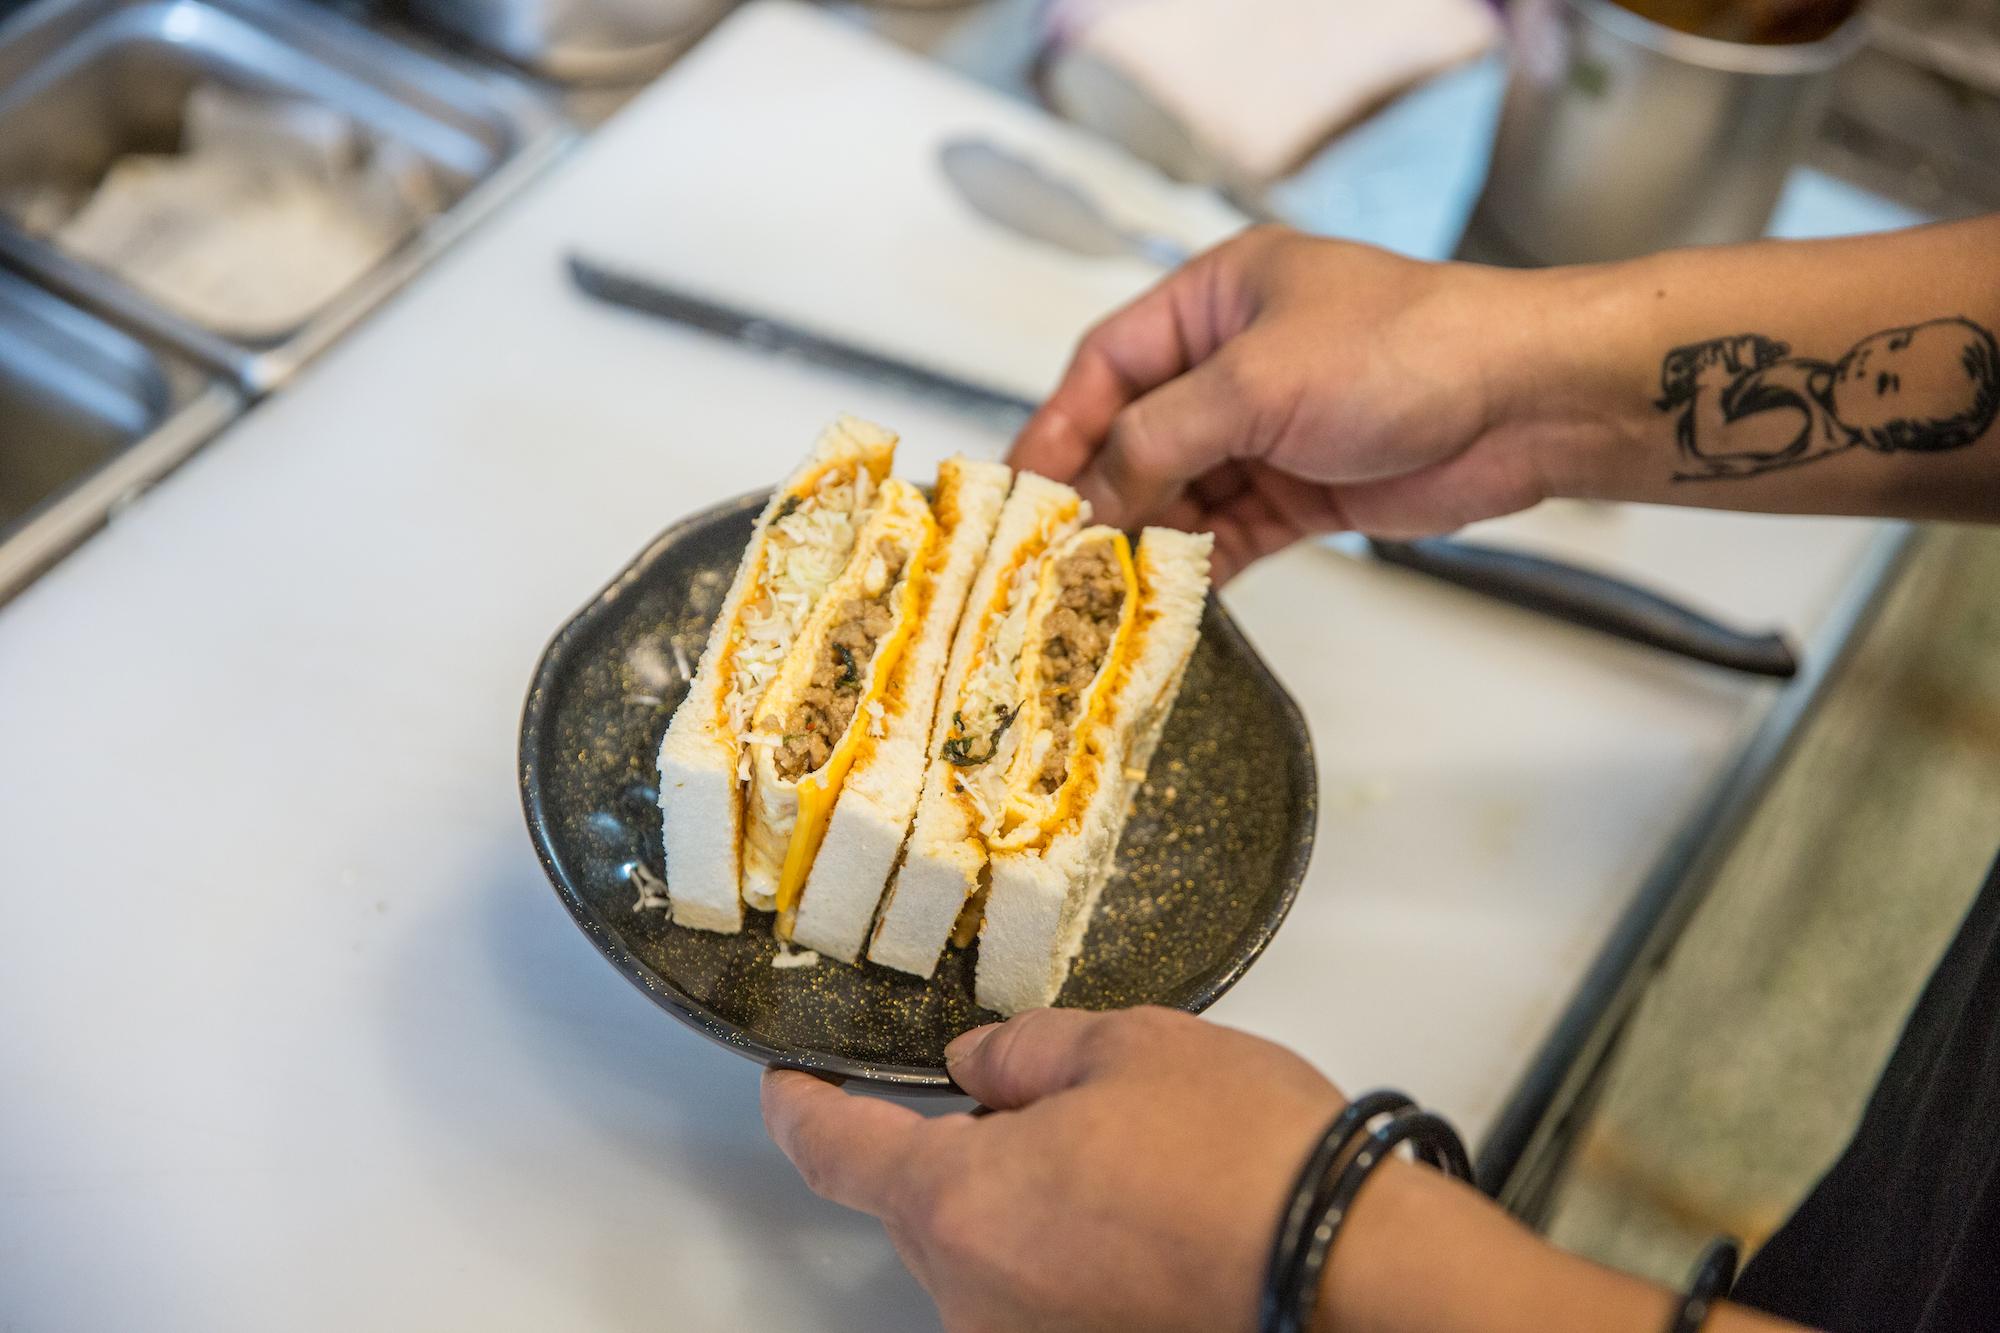 「我在鹿港」 30 歲小夫妻用早餐找回自己|旮旯楍卅碳烤吐司